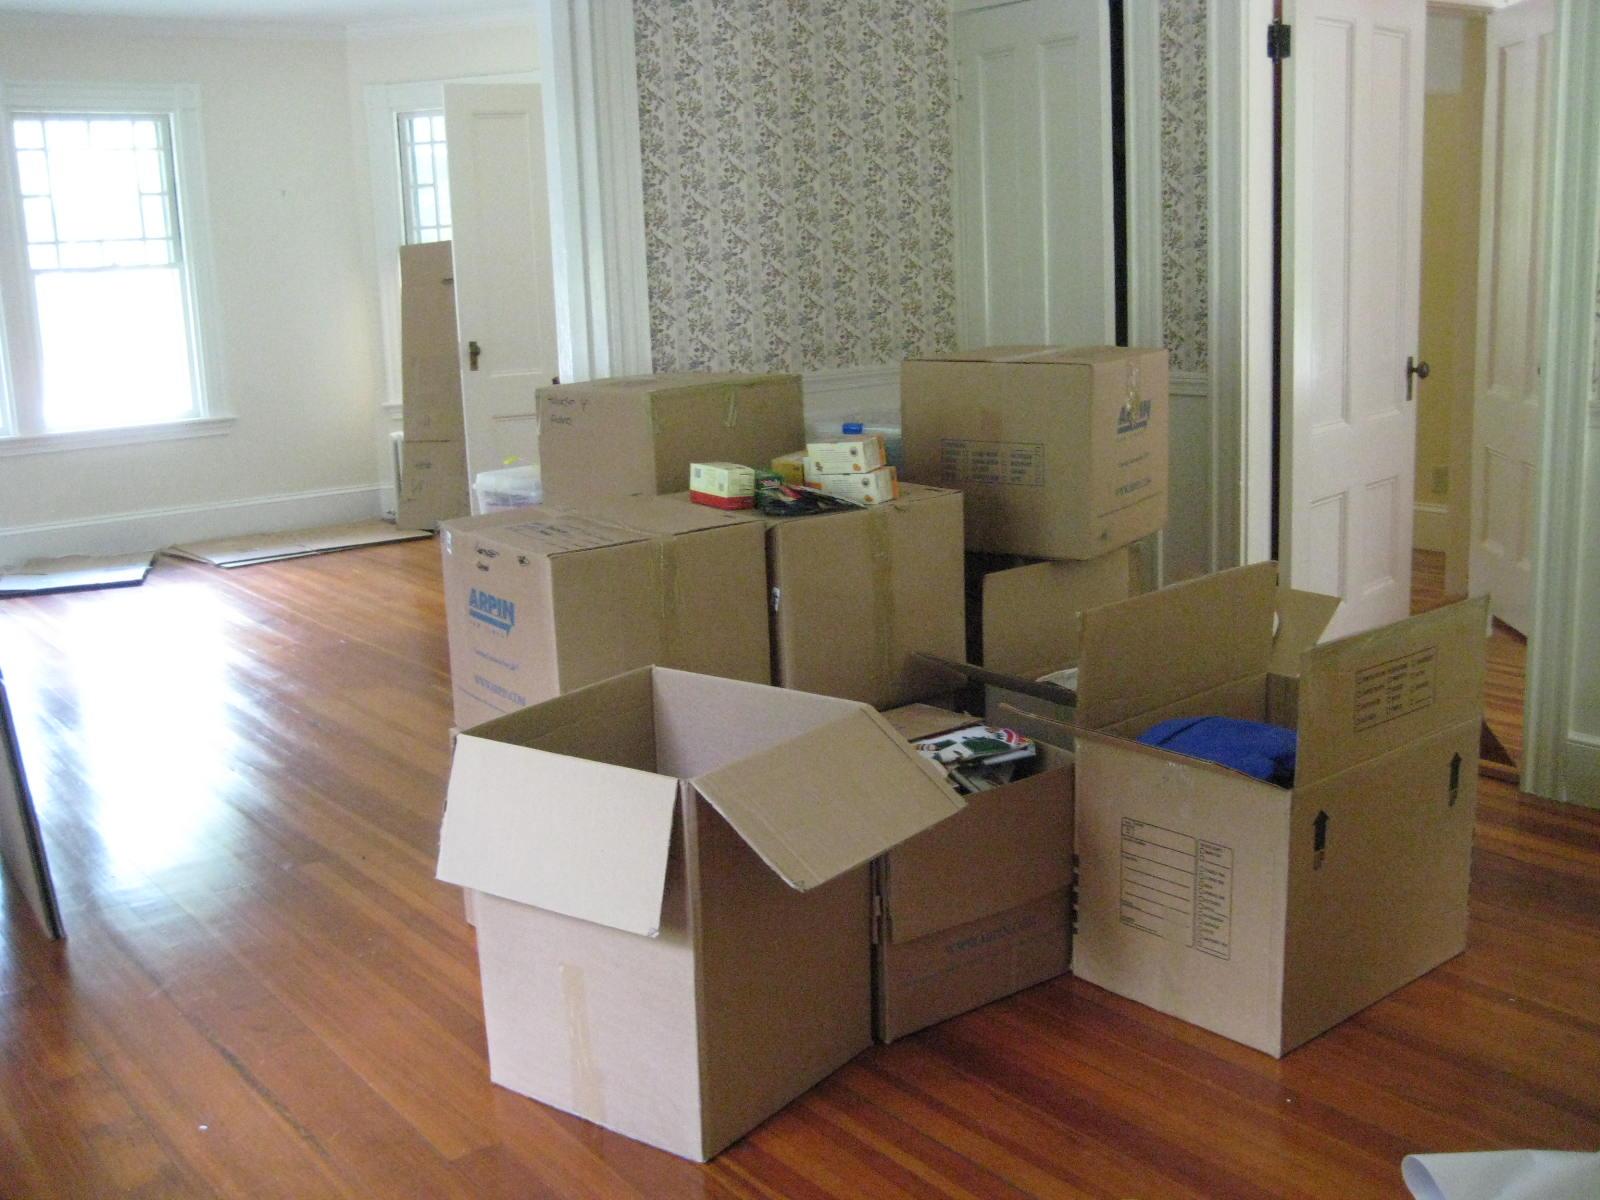 Des déménageurs partout au Québec: Québec, Montréal, Sherbrooke, Lac St-Jean, Drummondville, Trois-Rivières, etc.